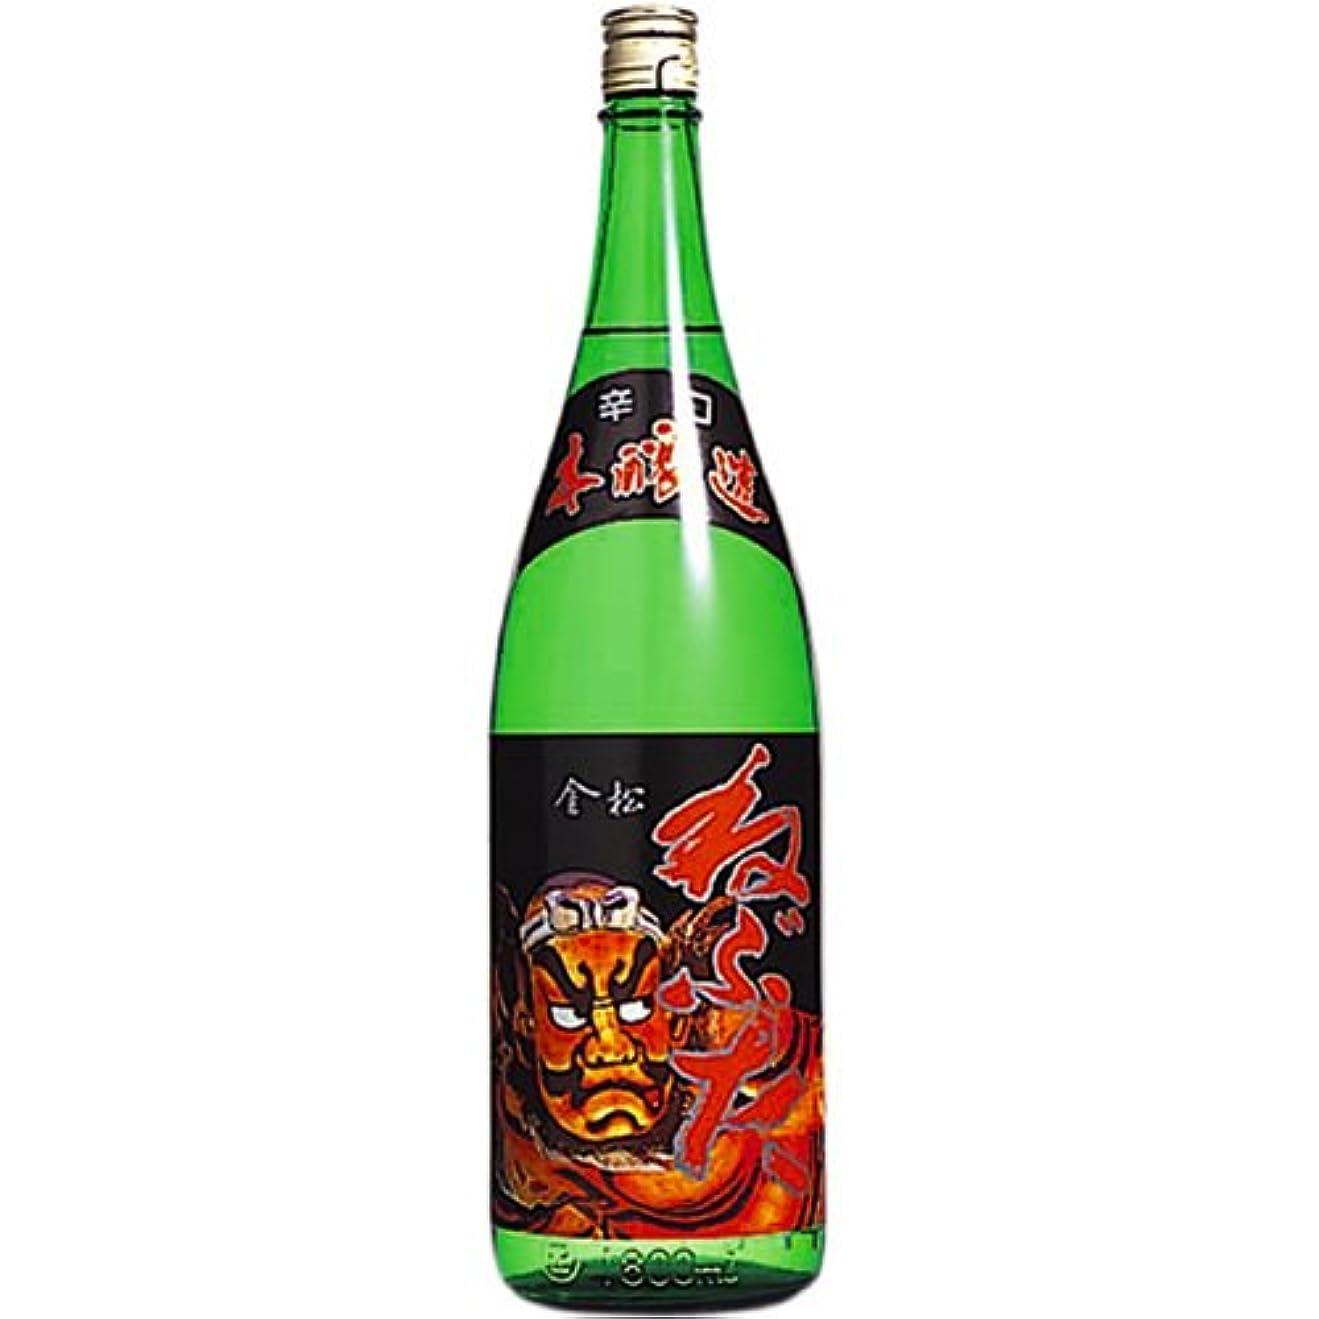 スズメバチパイプライン開示するねぶた 金松本醸造 [ 日本酒 青森県 1800ml ]